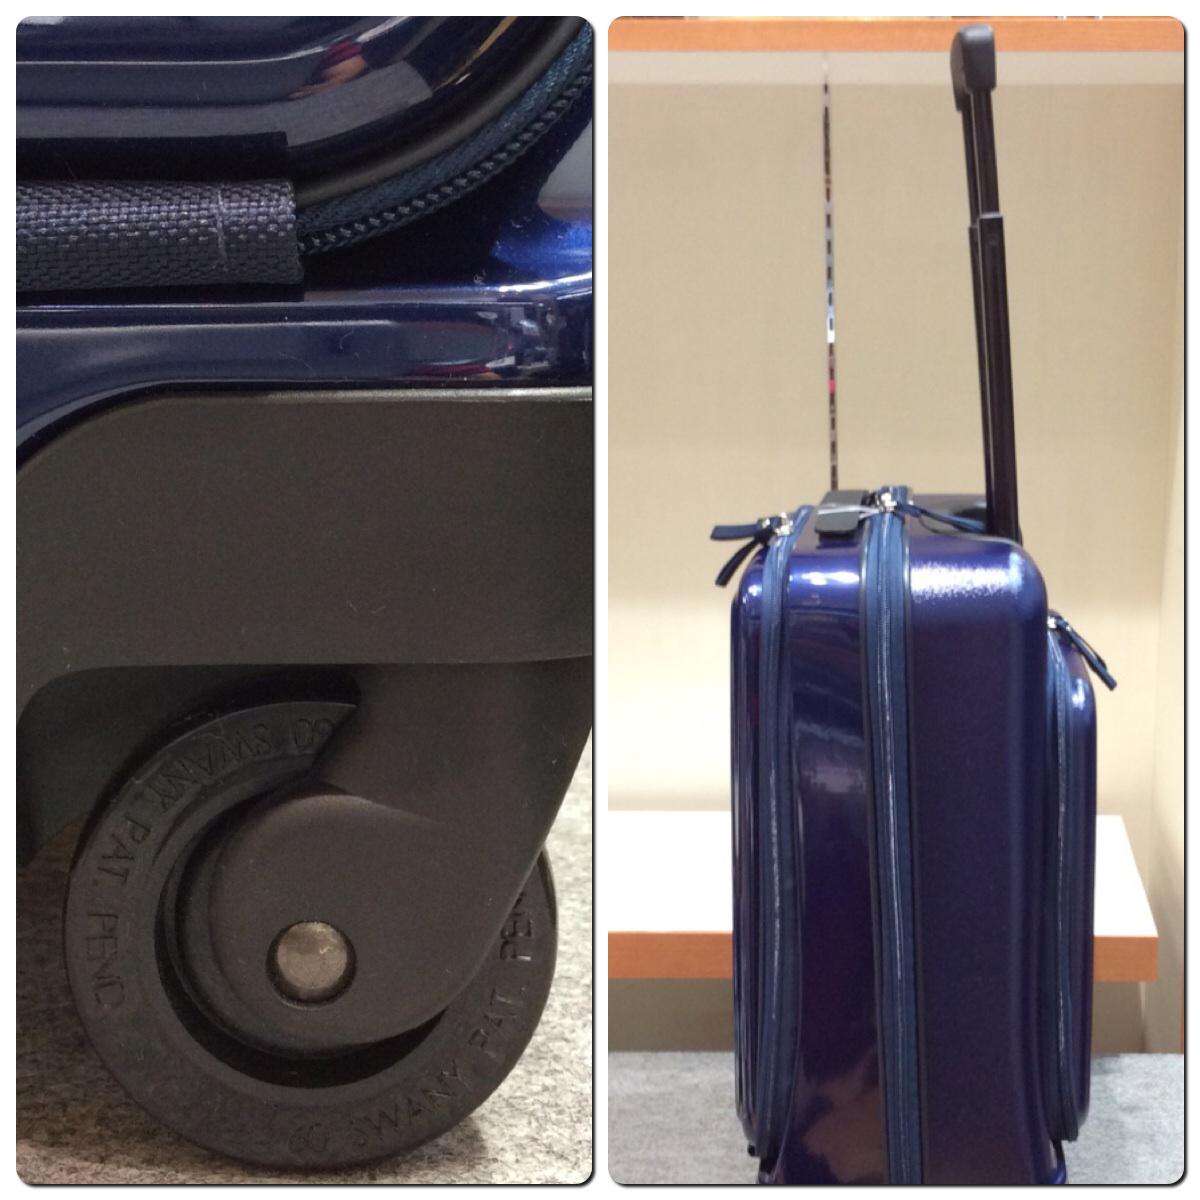 山形フジタ南店より スワニー スーツケース ドートのご紹介です。